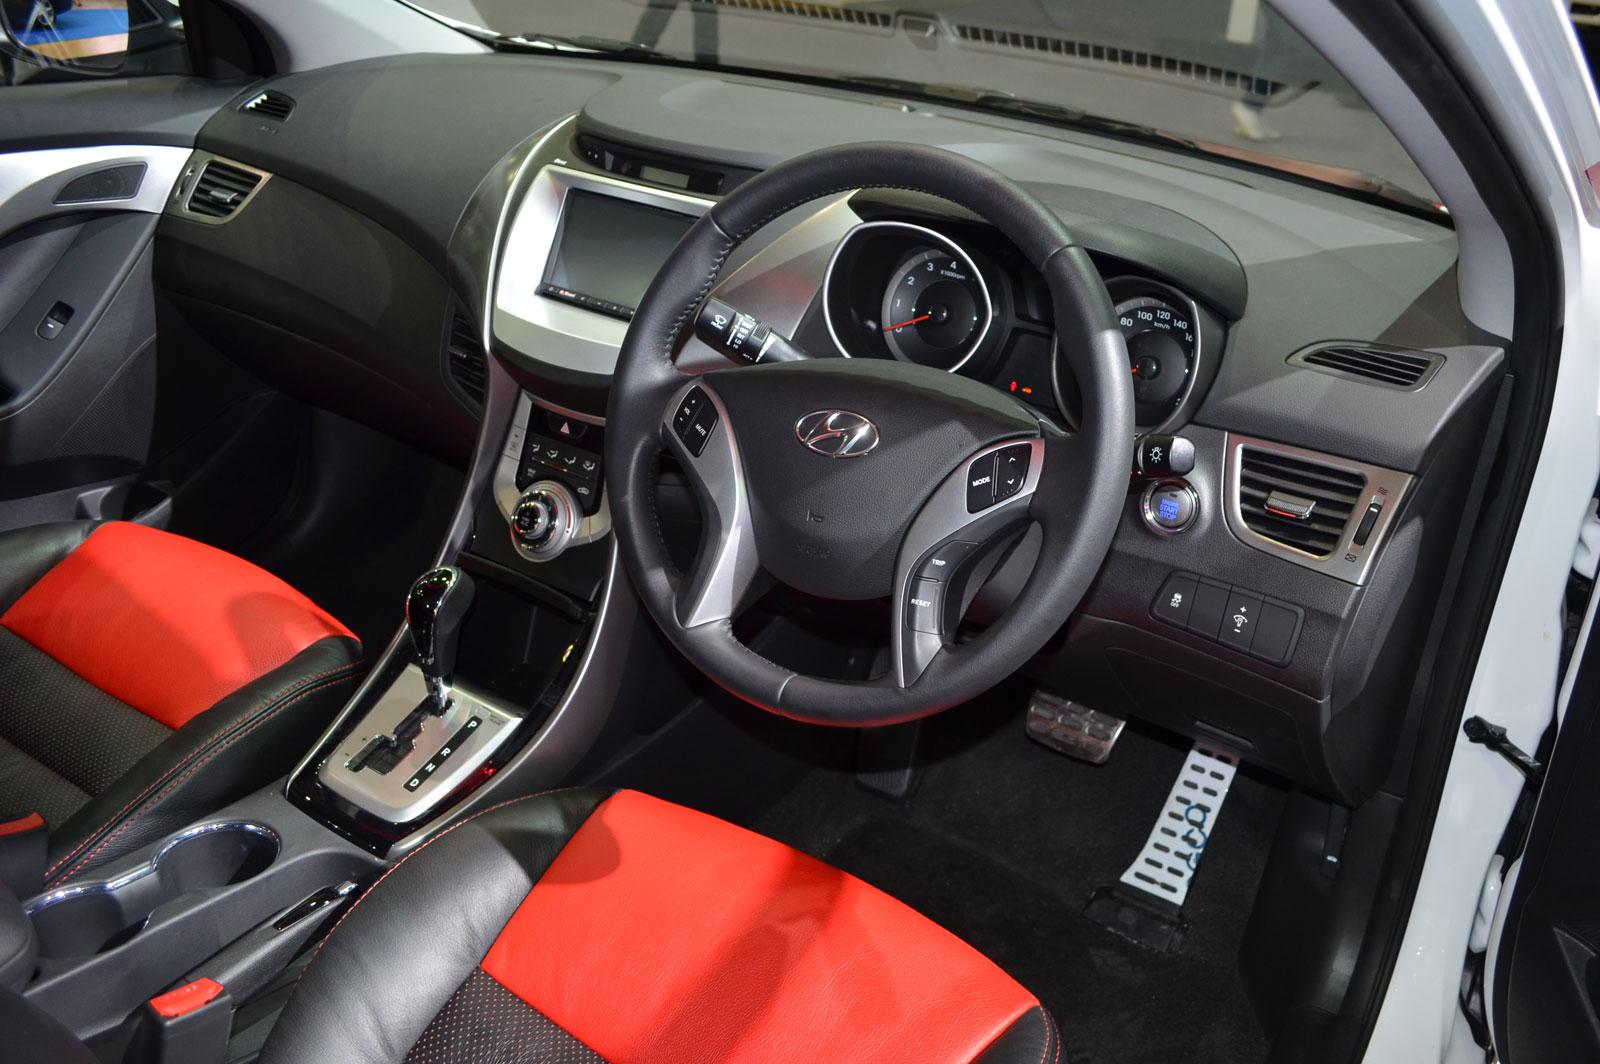 Hyundai+elantra+avante+modified+body+kit+spoiler+sports+asian+auto